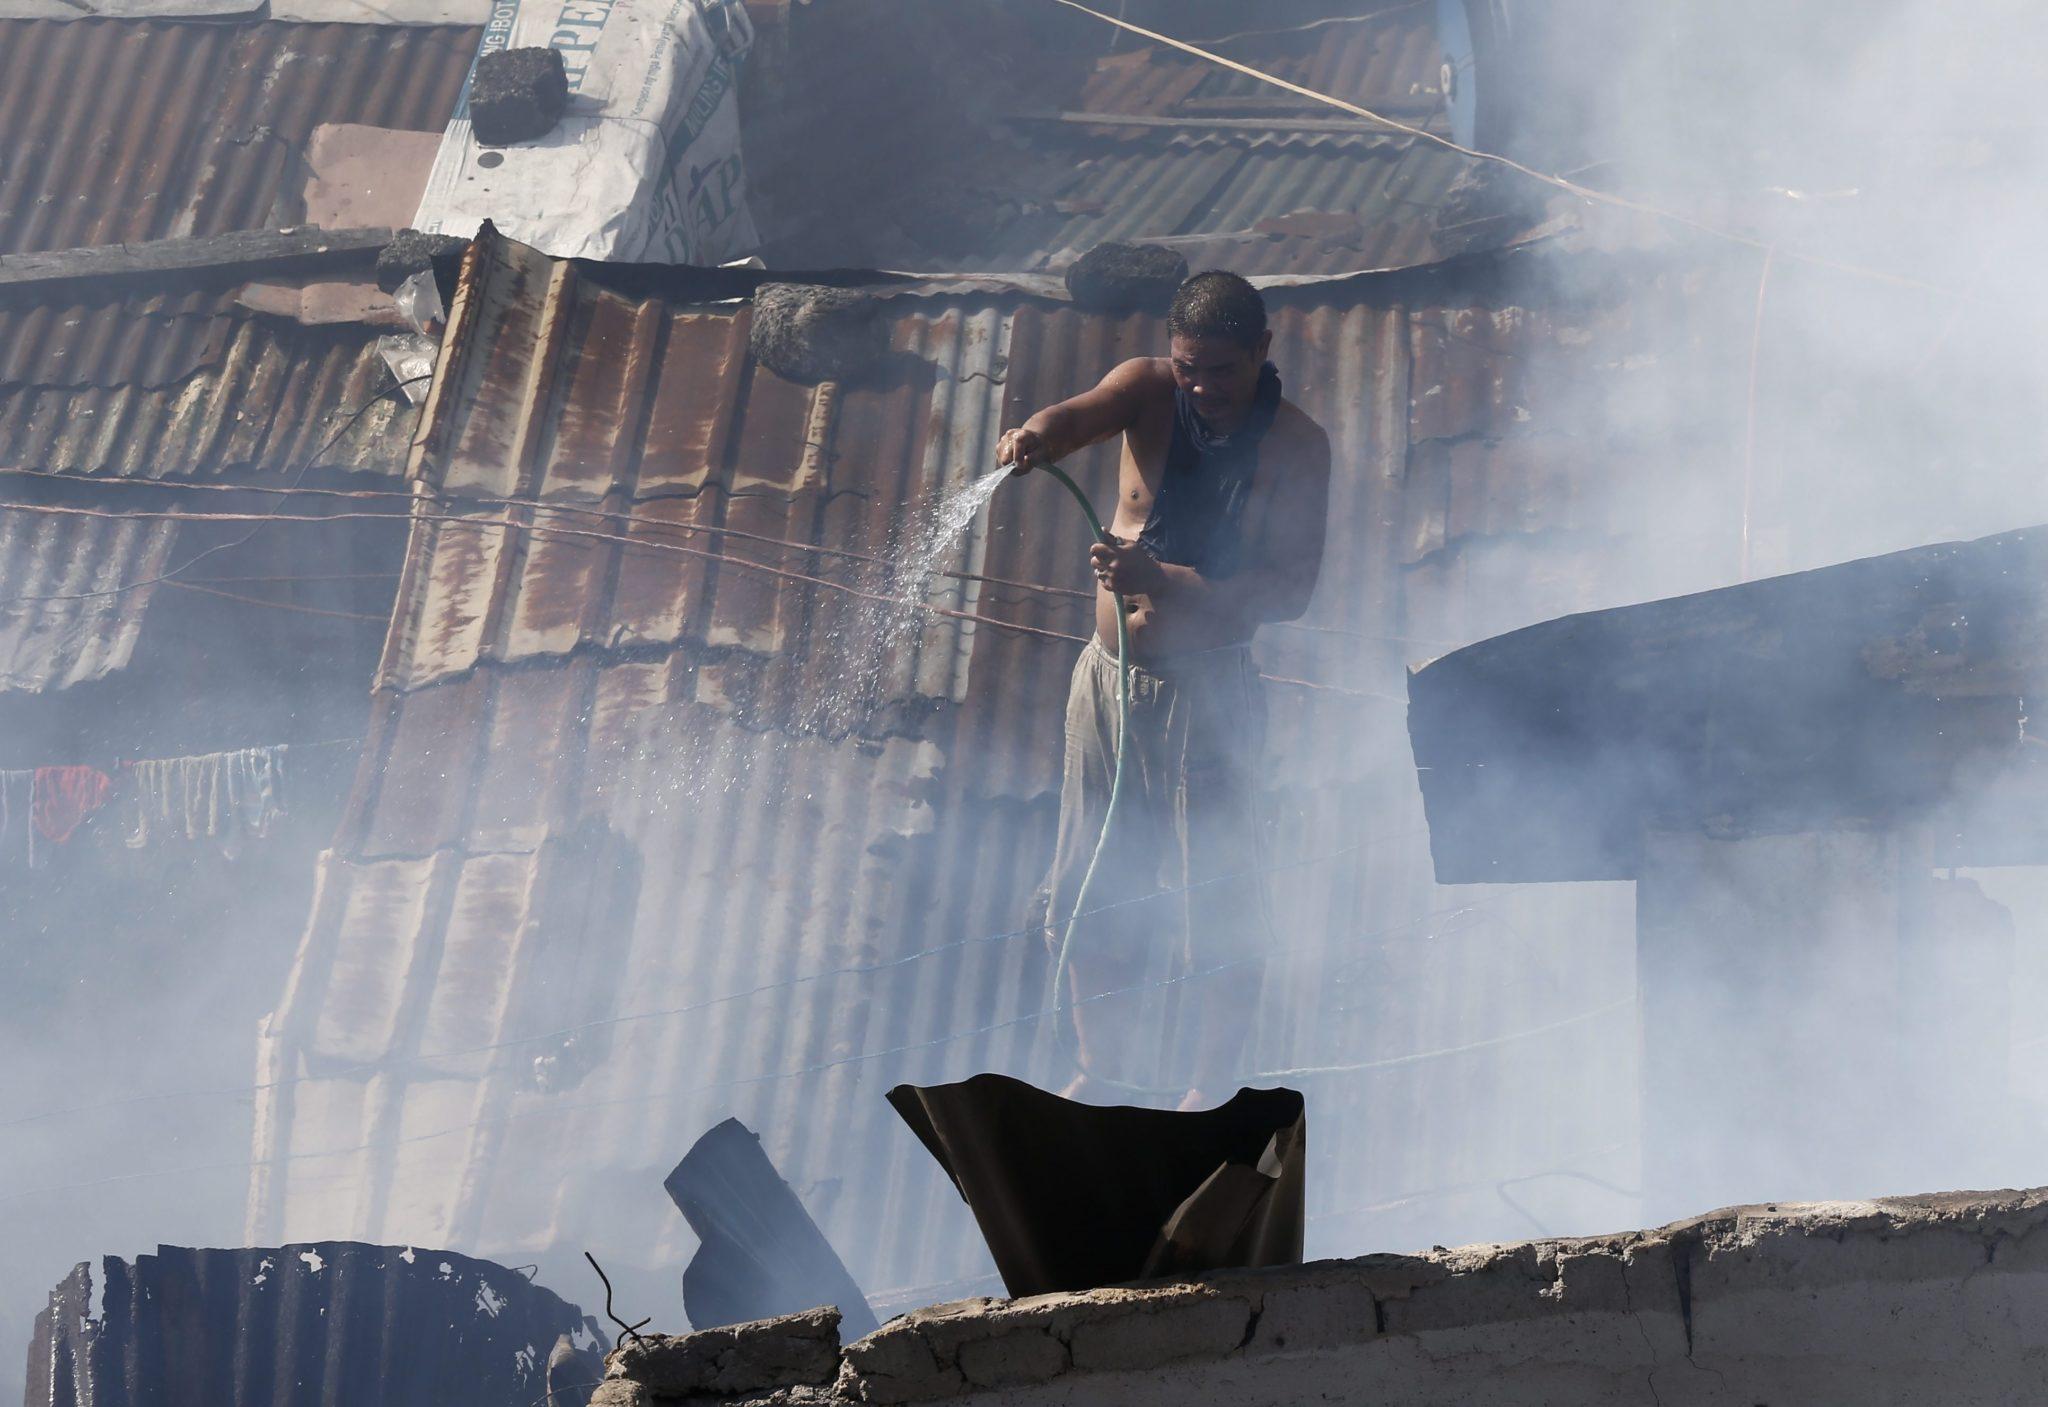 Filipiny: pożar dzielnicy mieszkalnej w Quezon (foto. PAP/EPA/ROLEX DELA PENA)